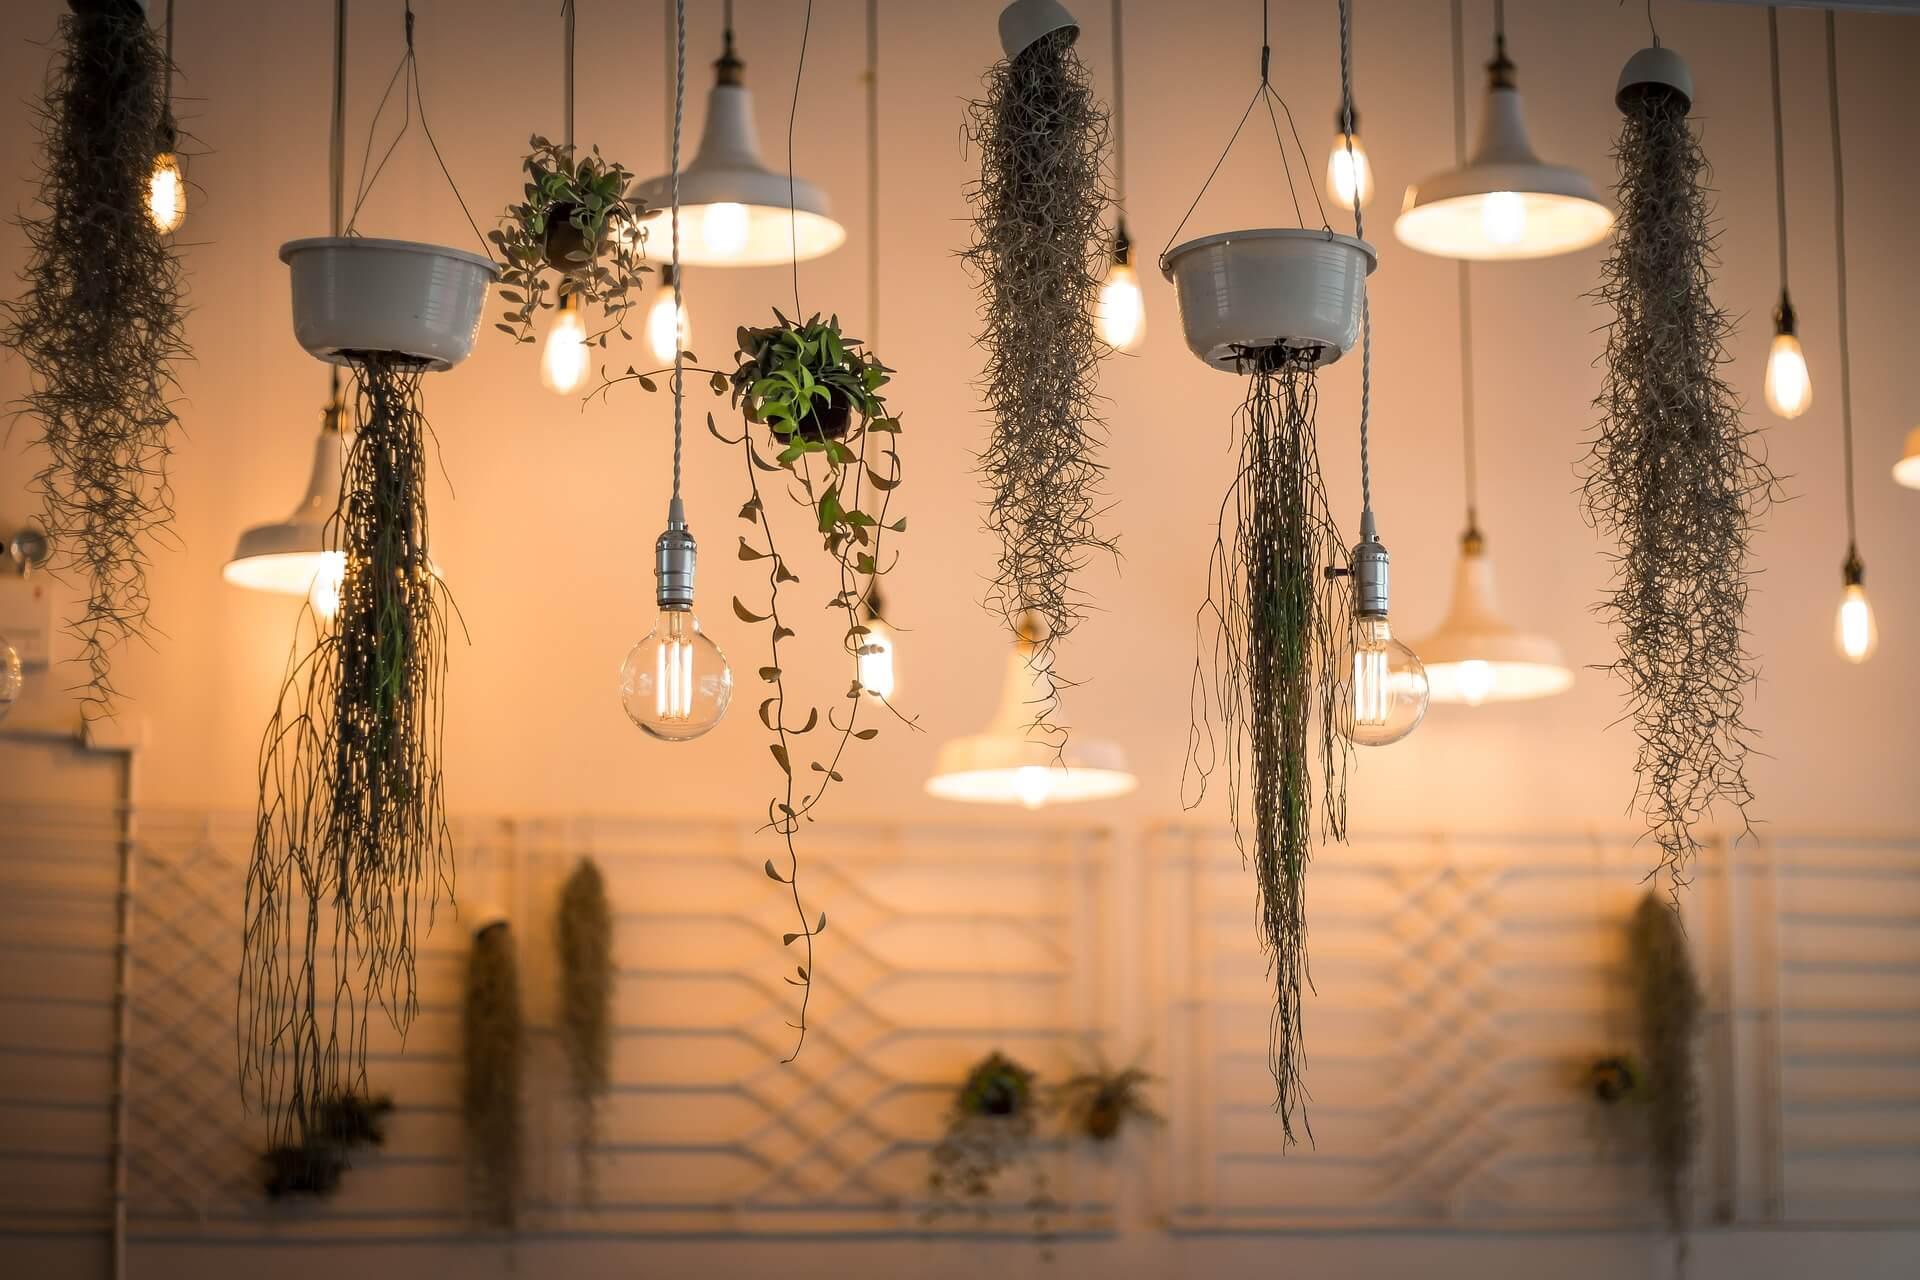 Interiorismo sostenible: qué es y cómo puedes aplicarlo a tus espacios.